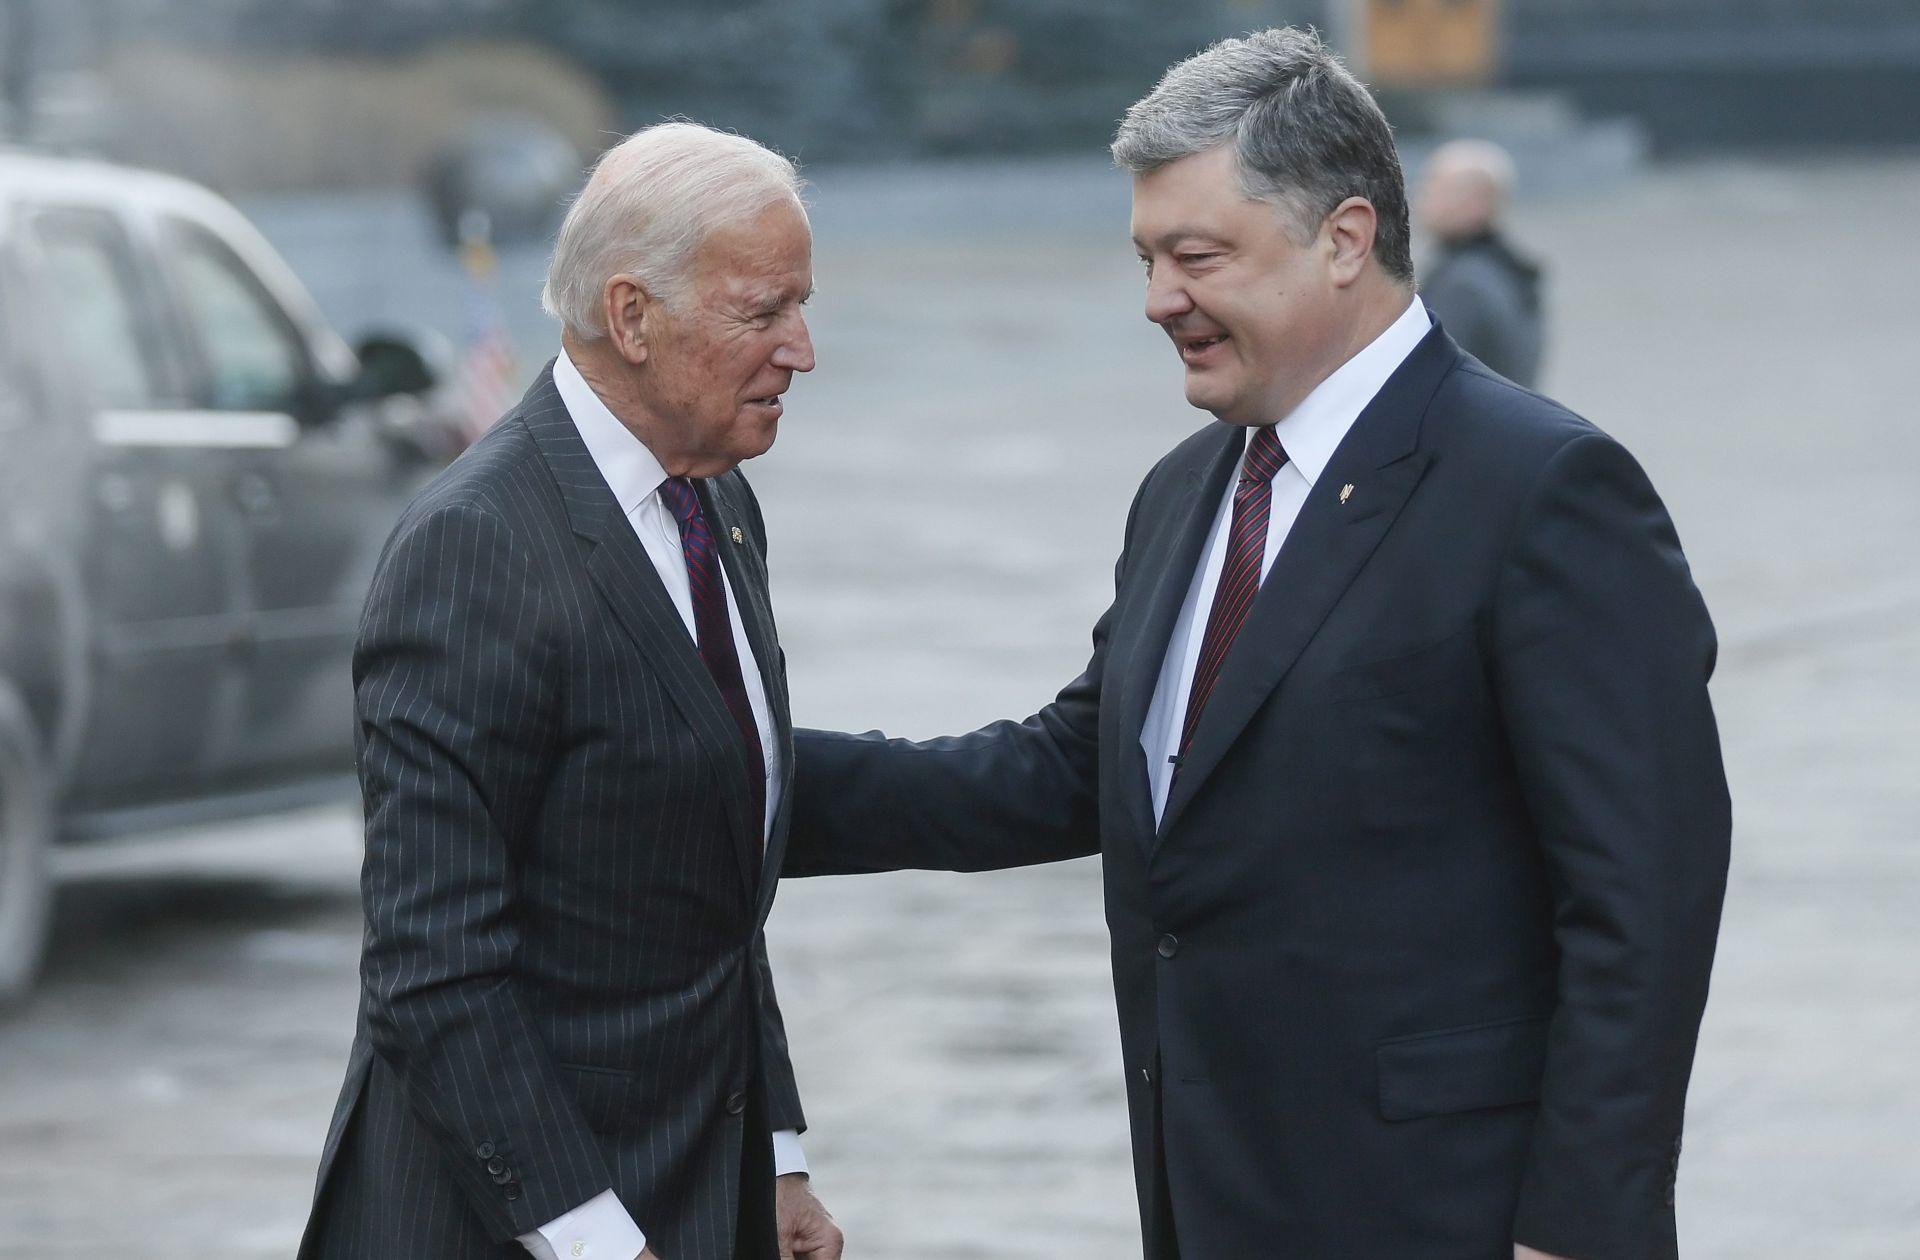 Biden u posjetu Kijevu kako bi potvrdio potporu Ukrajini